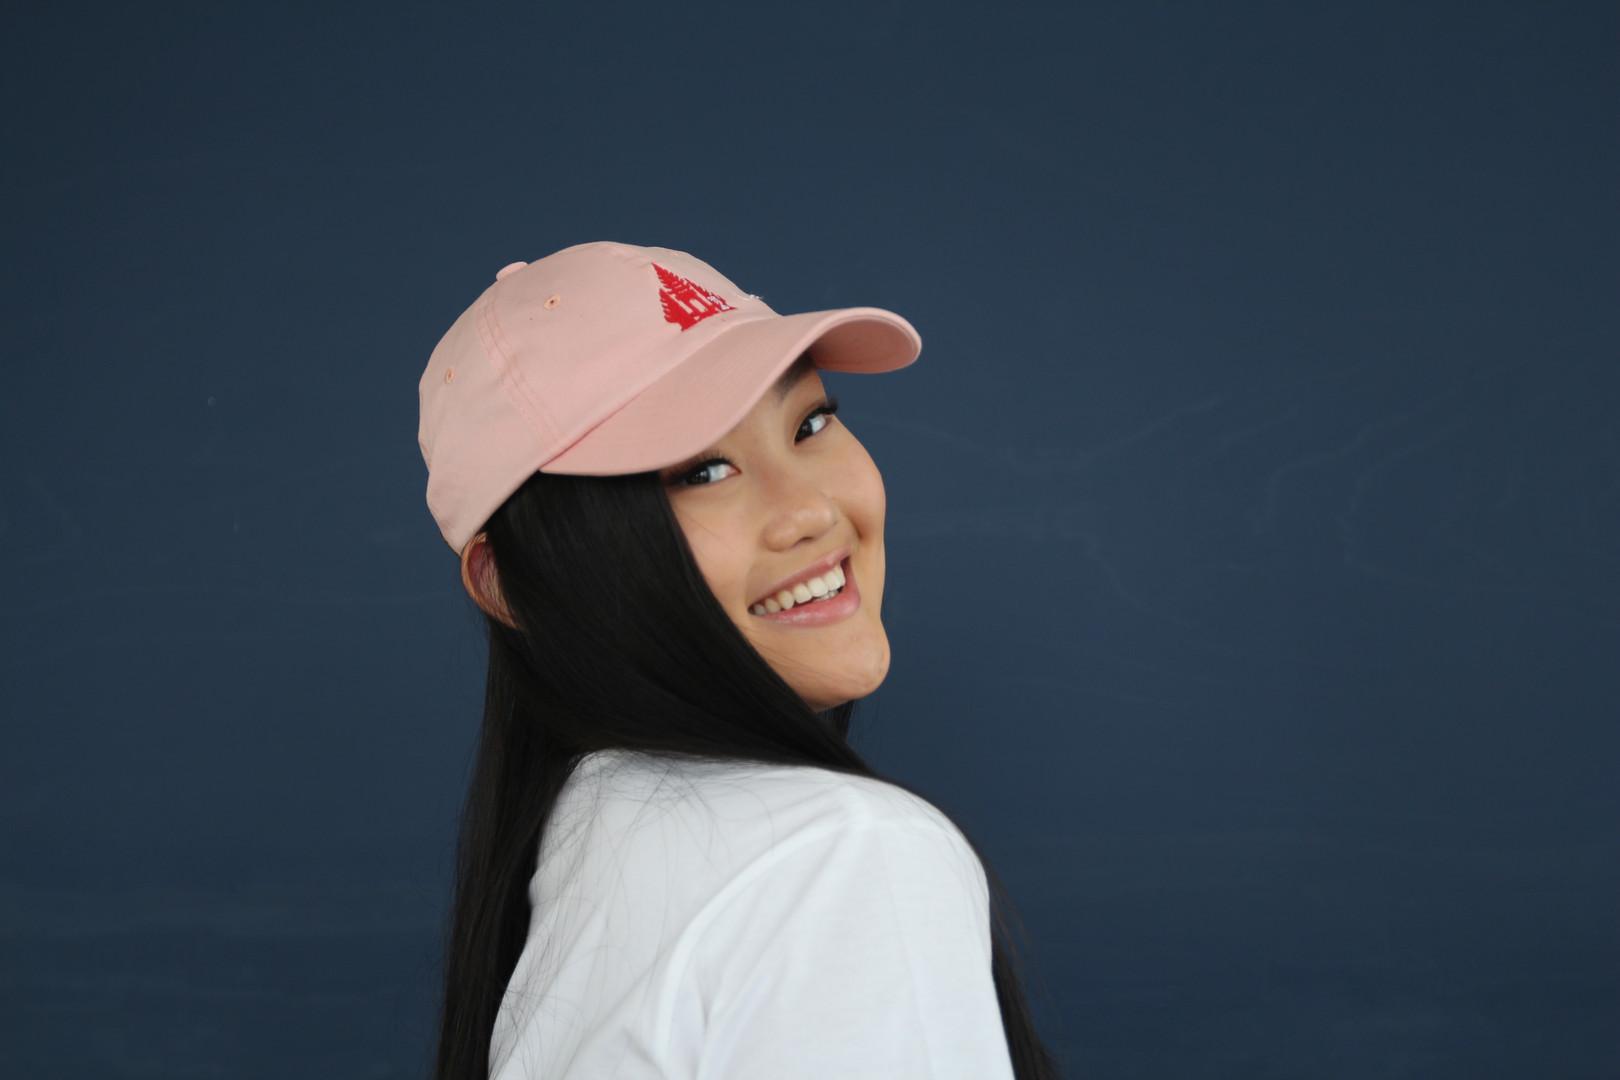 BBBPB X Topiku Hat